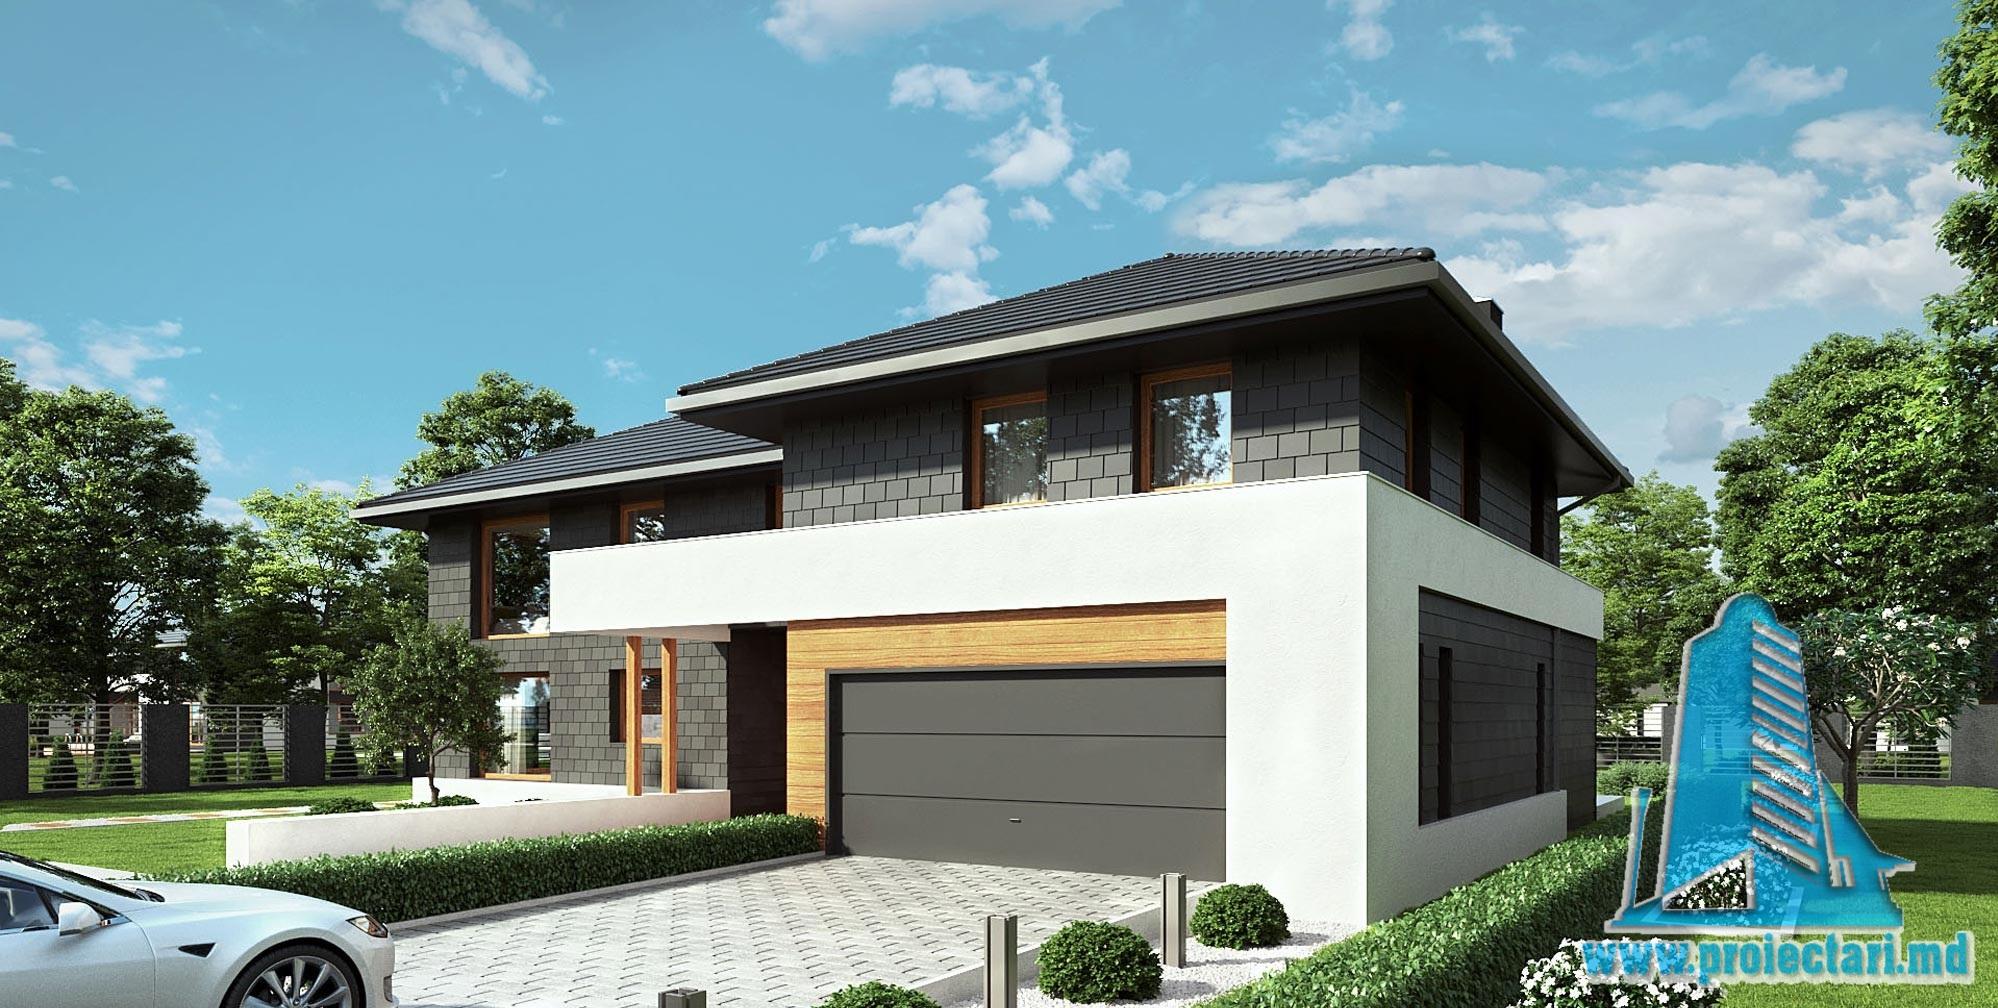 Casa cu parter, etaj si garaj pentru doua automobile- 402 m2 – 101023